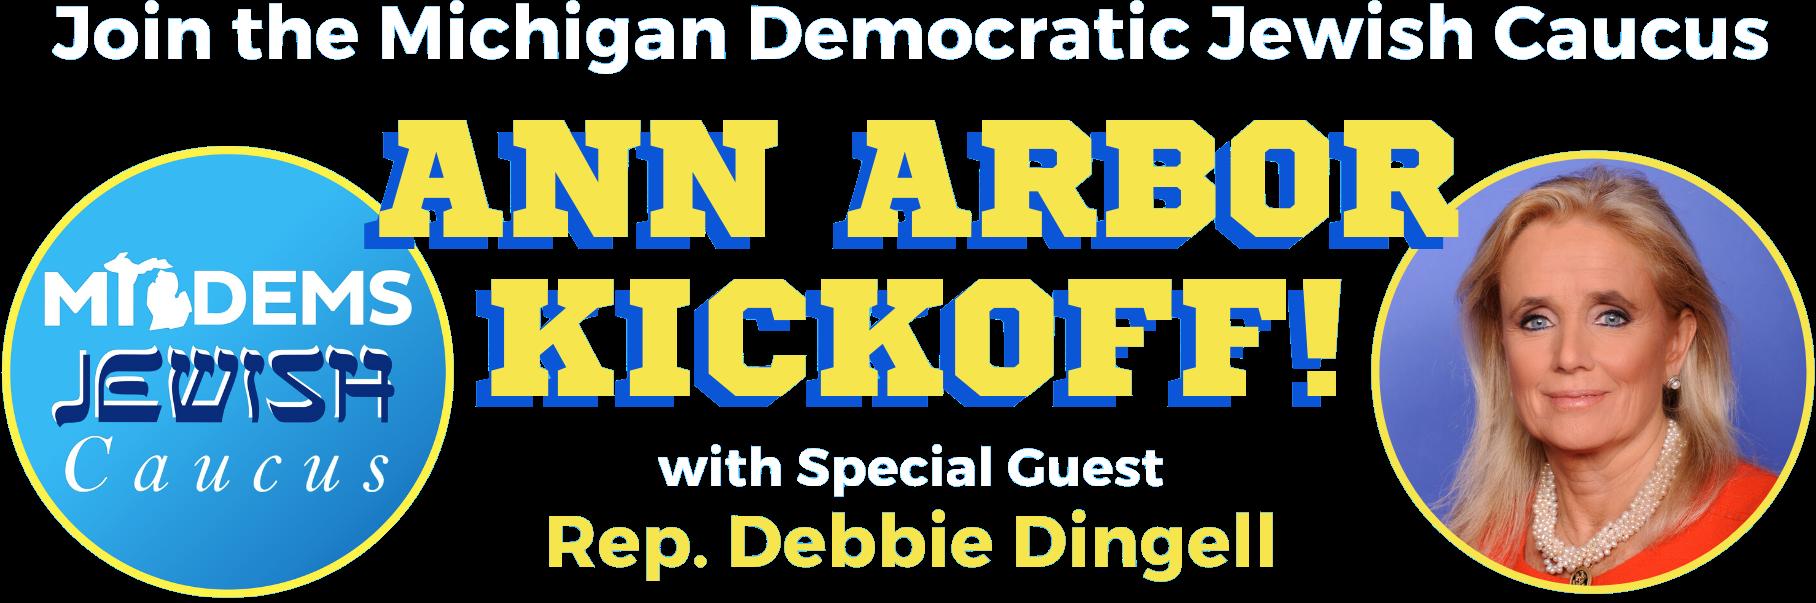 Michigan Democratic Jewish Caucus